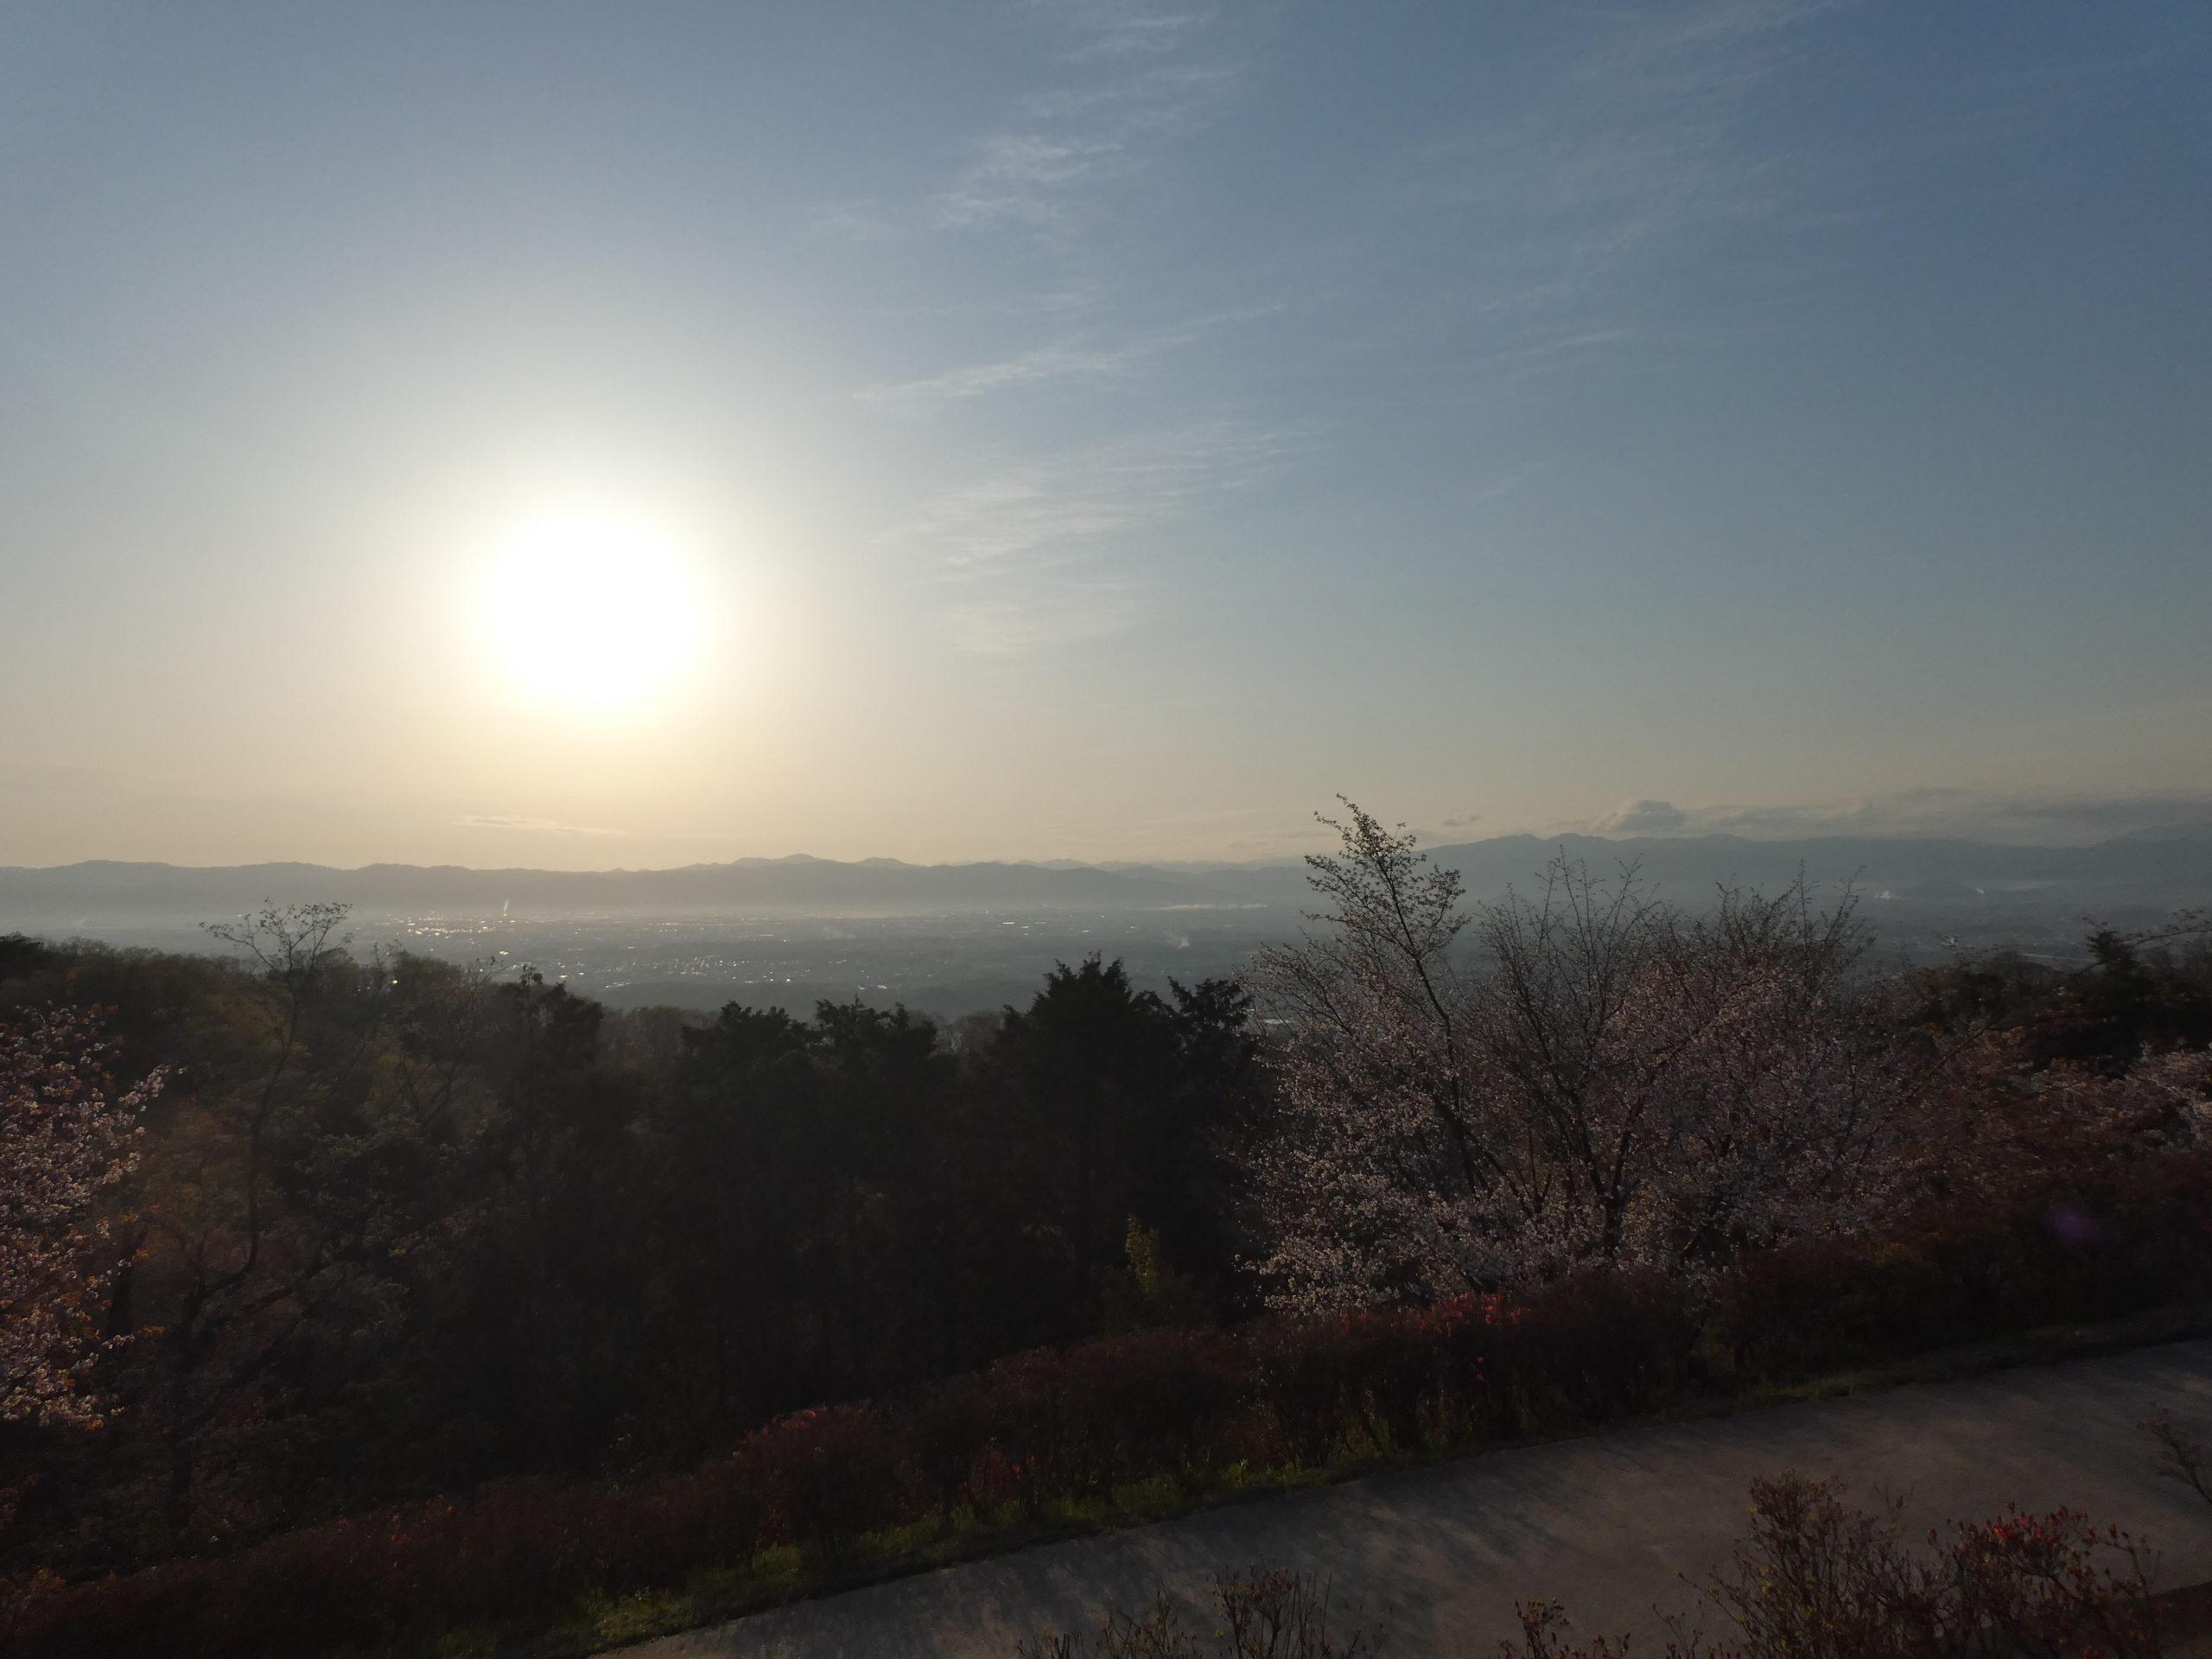 明神山 ハイキングコース 展望台 眺望(東側)